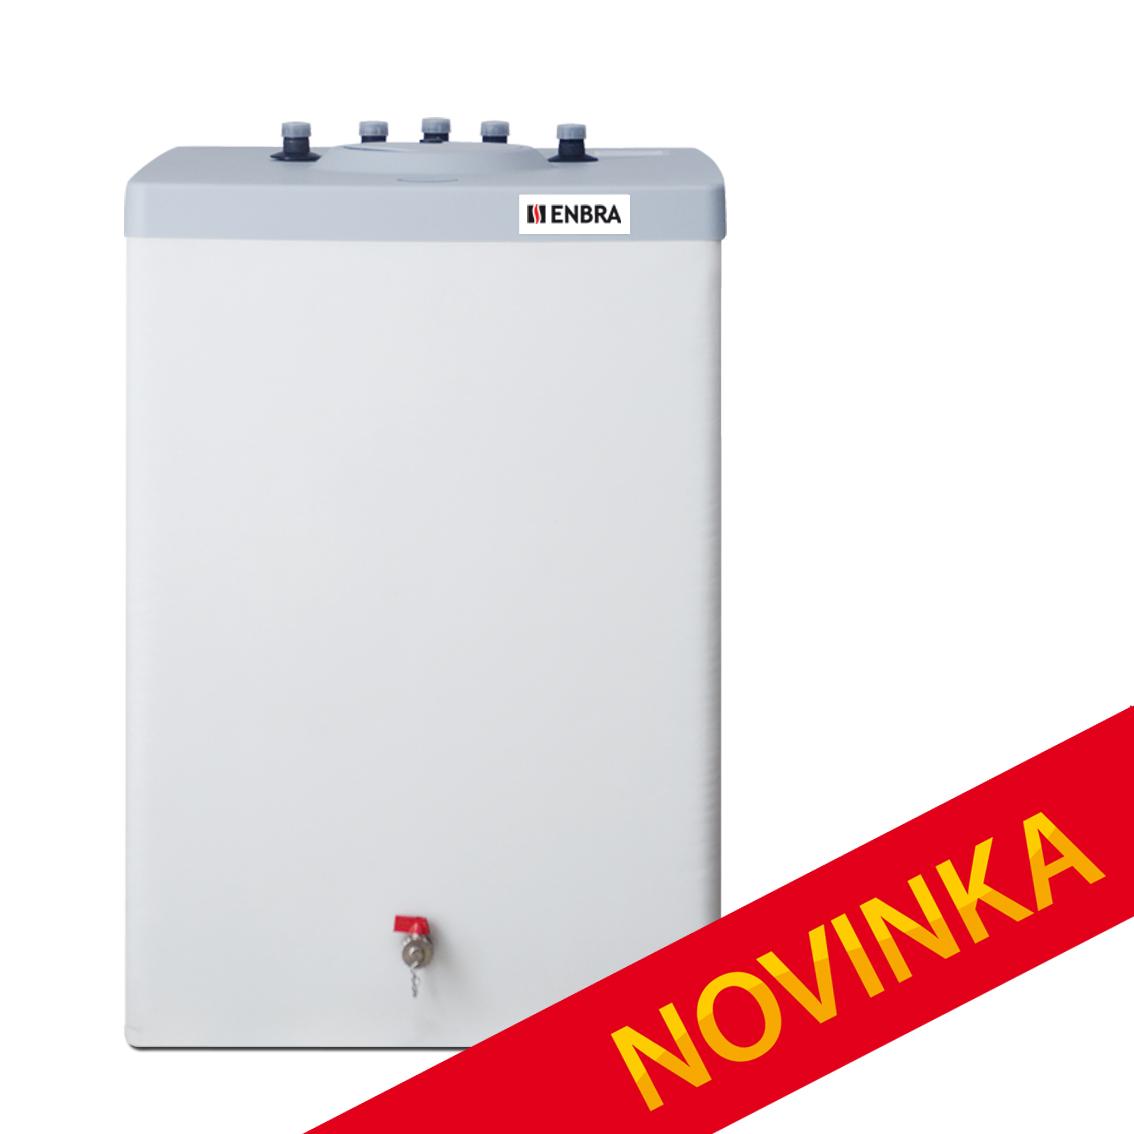 Nová řada zásobníků na teplou vodu: NOH, NOK, NOX a ENBRA MAX